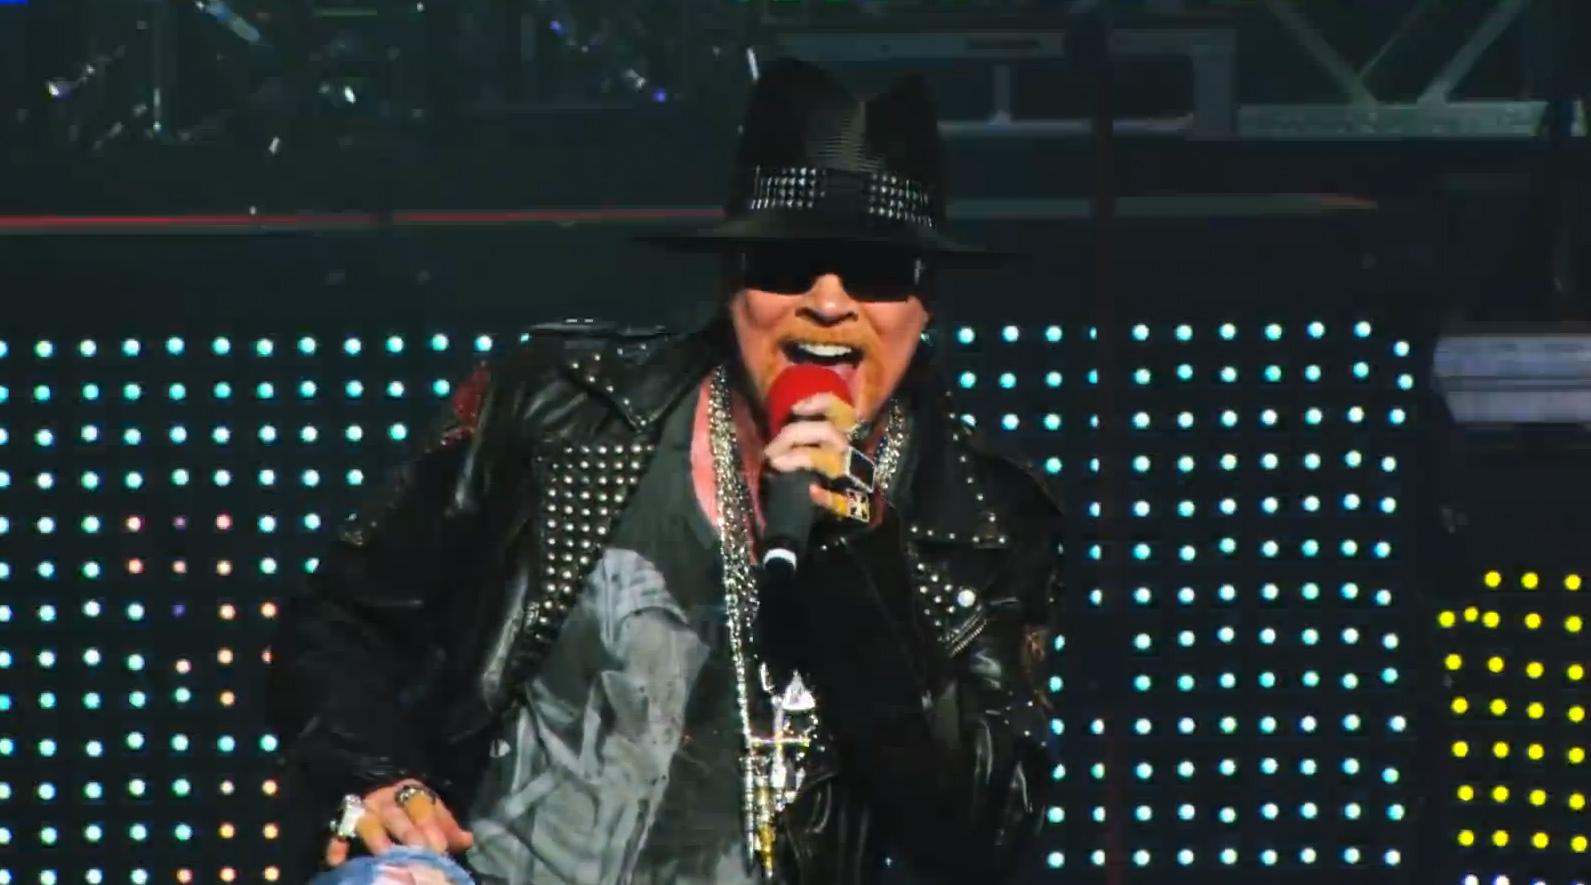 Platz 92: Guns N' Roses  Joe Perry über Guns N' Roses: Keine Frage: Sie haben dem Rock'n'Roll, wie wir ihn lieben, neues